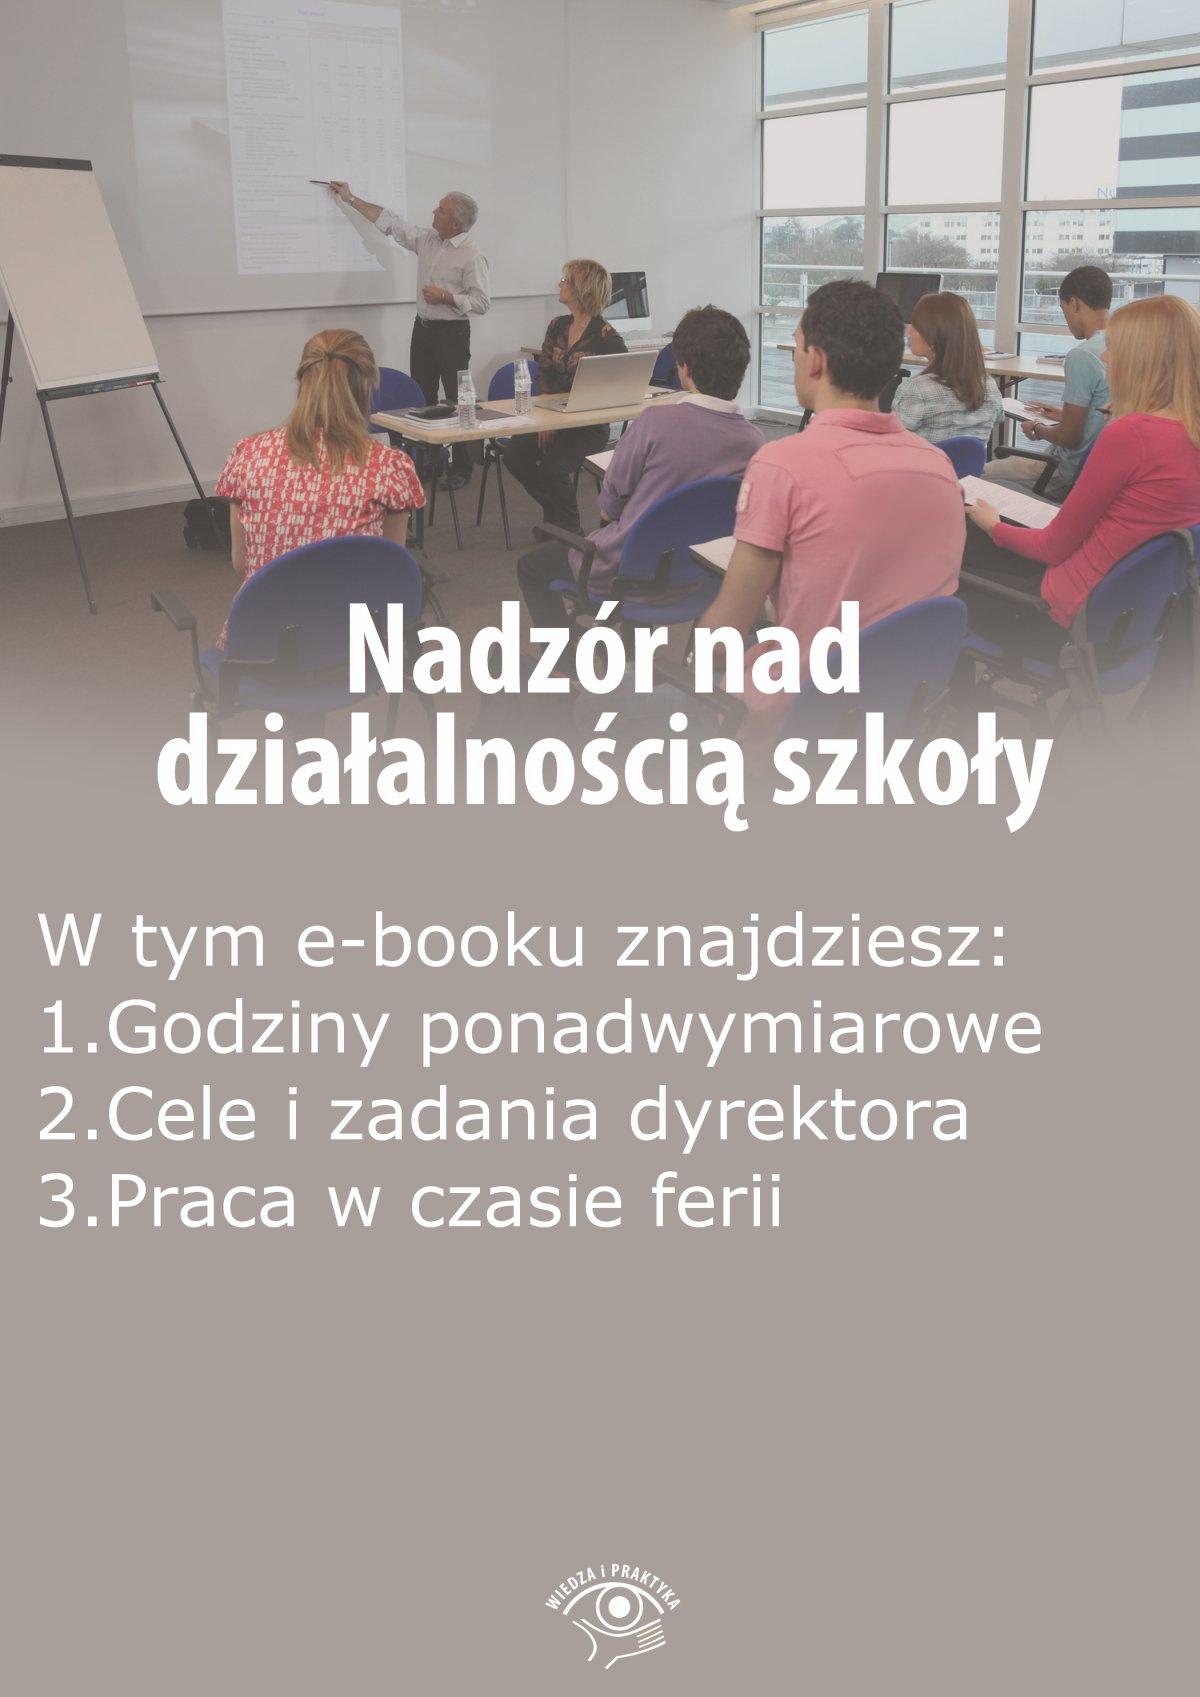 Nadzór nad działalnością szkoły, wydanie lipiec 2015 r. - Ebook (Książka EPUB) do pobrania w formacie EPUB